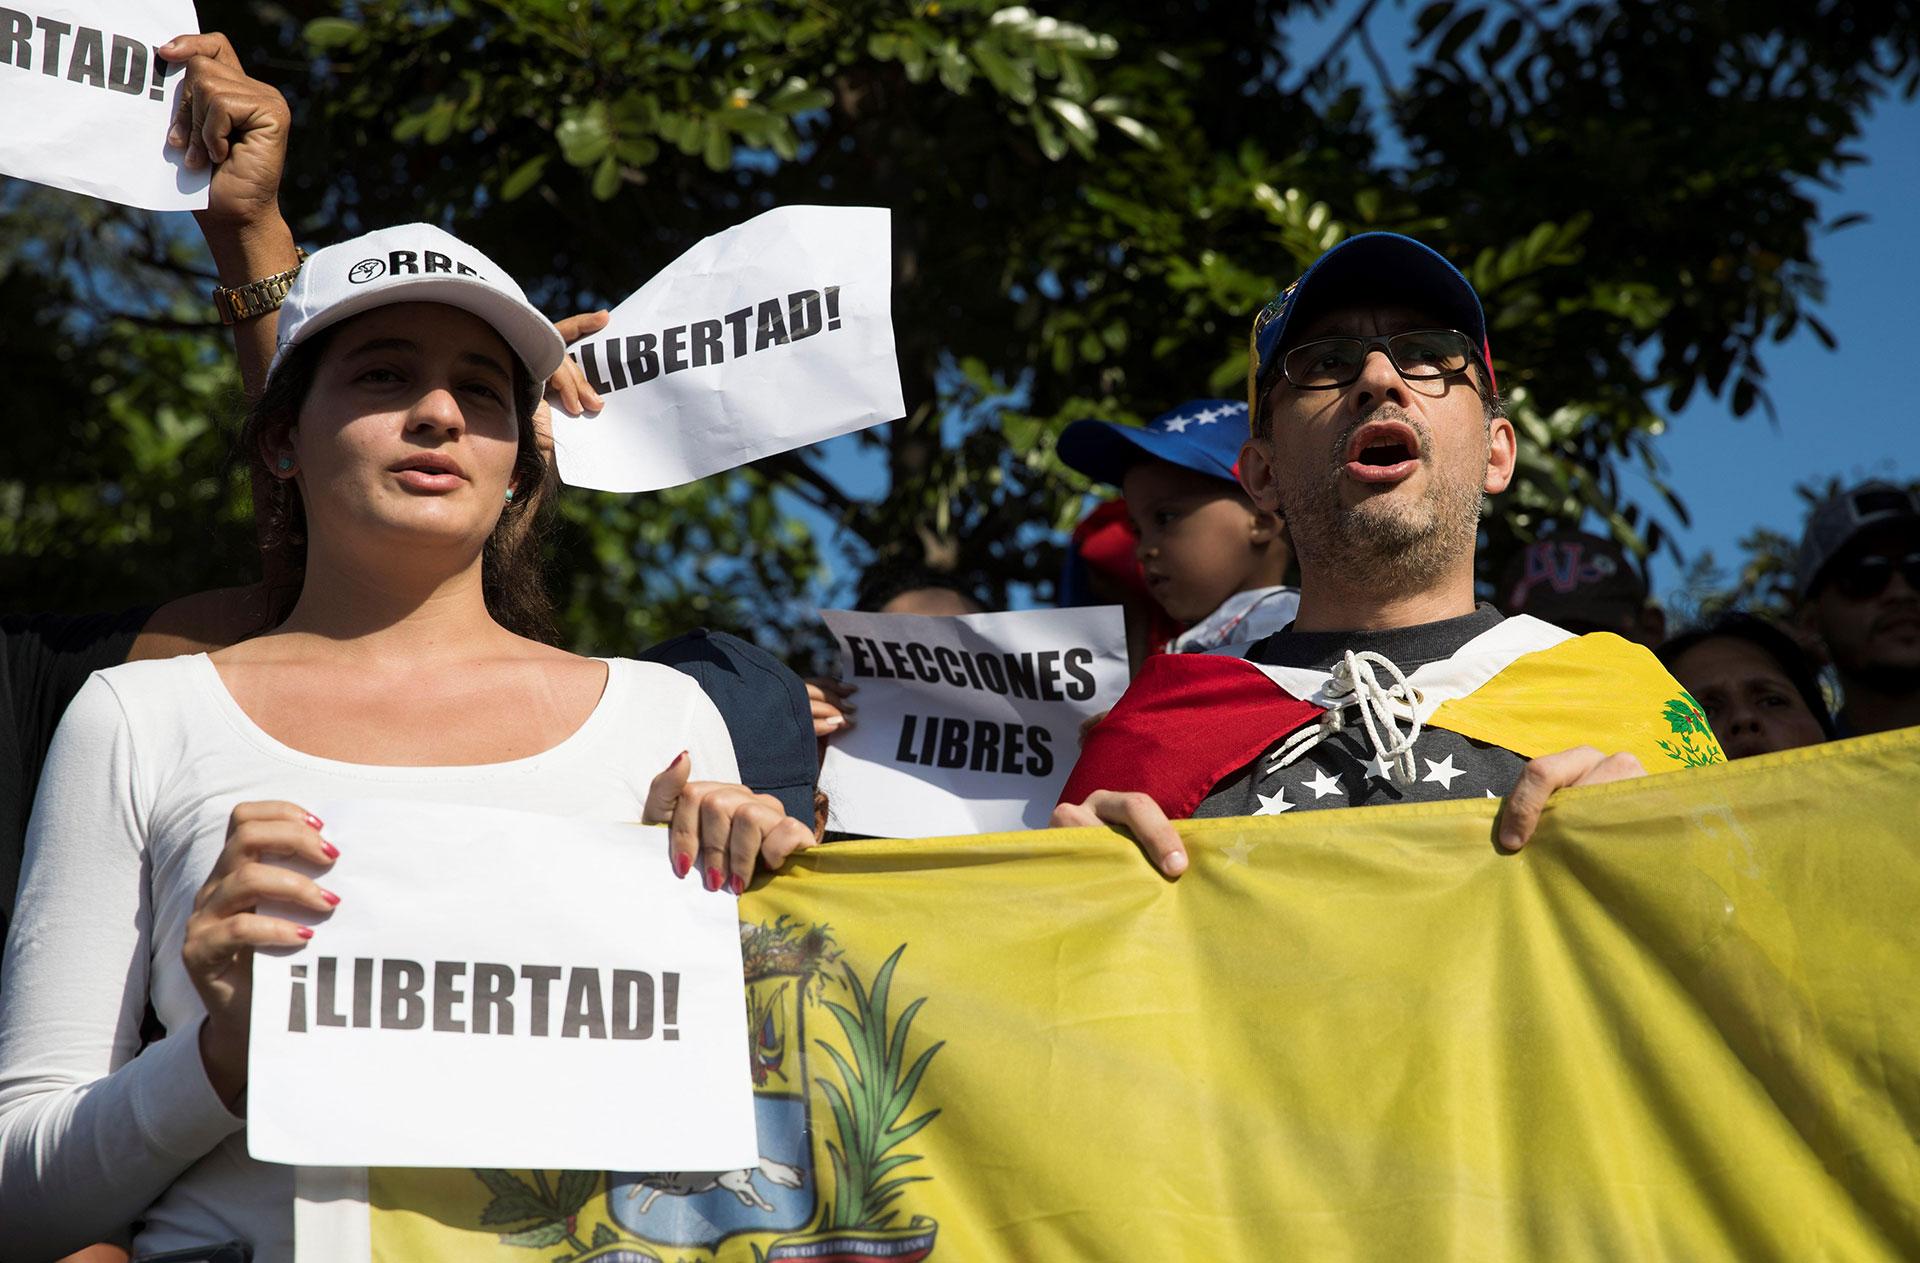 En Santo Domingo, la capital de República Dominicana, simpatizantes de Guaidó se concentraron el martes frente a la embajada de Venezuela para expresar su apoyo al movimiento que salió a las calles venezolanas en búsqueda de poner fin al Gobierno de Nicolás Maduro